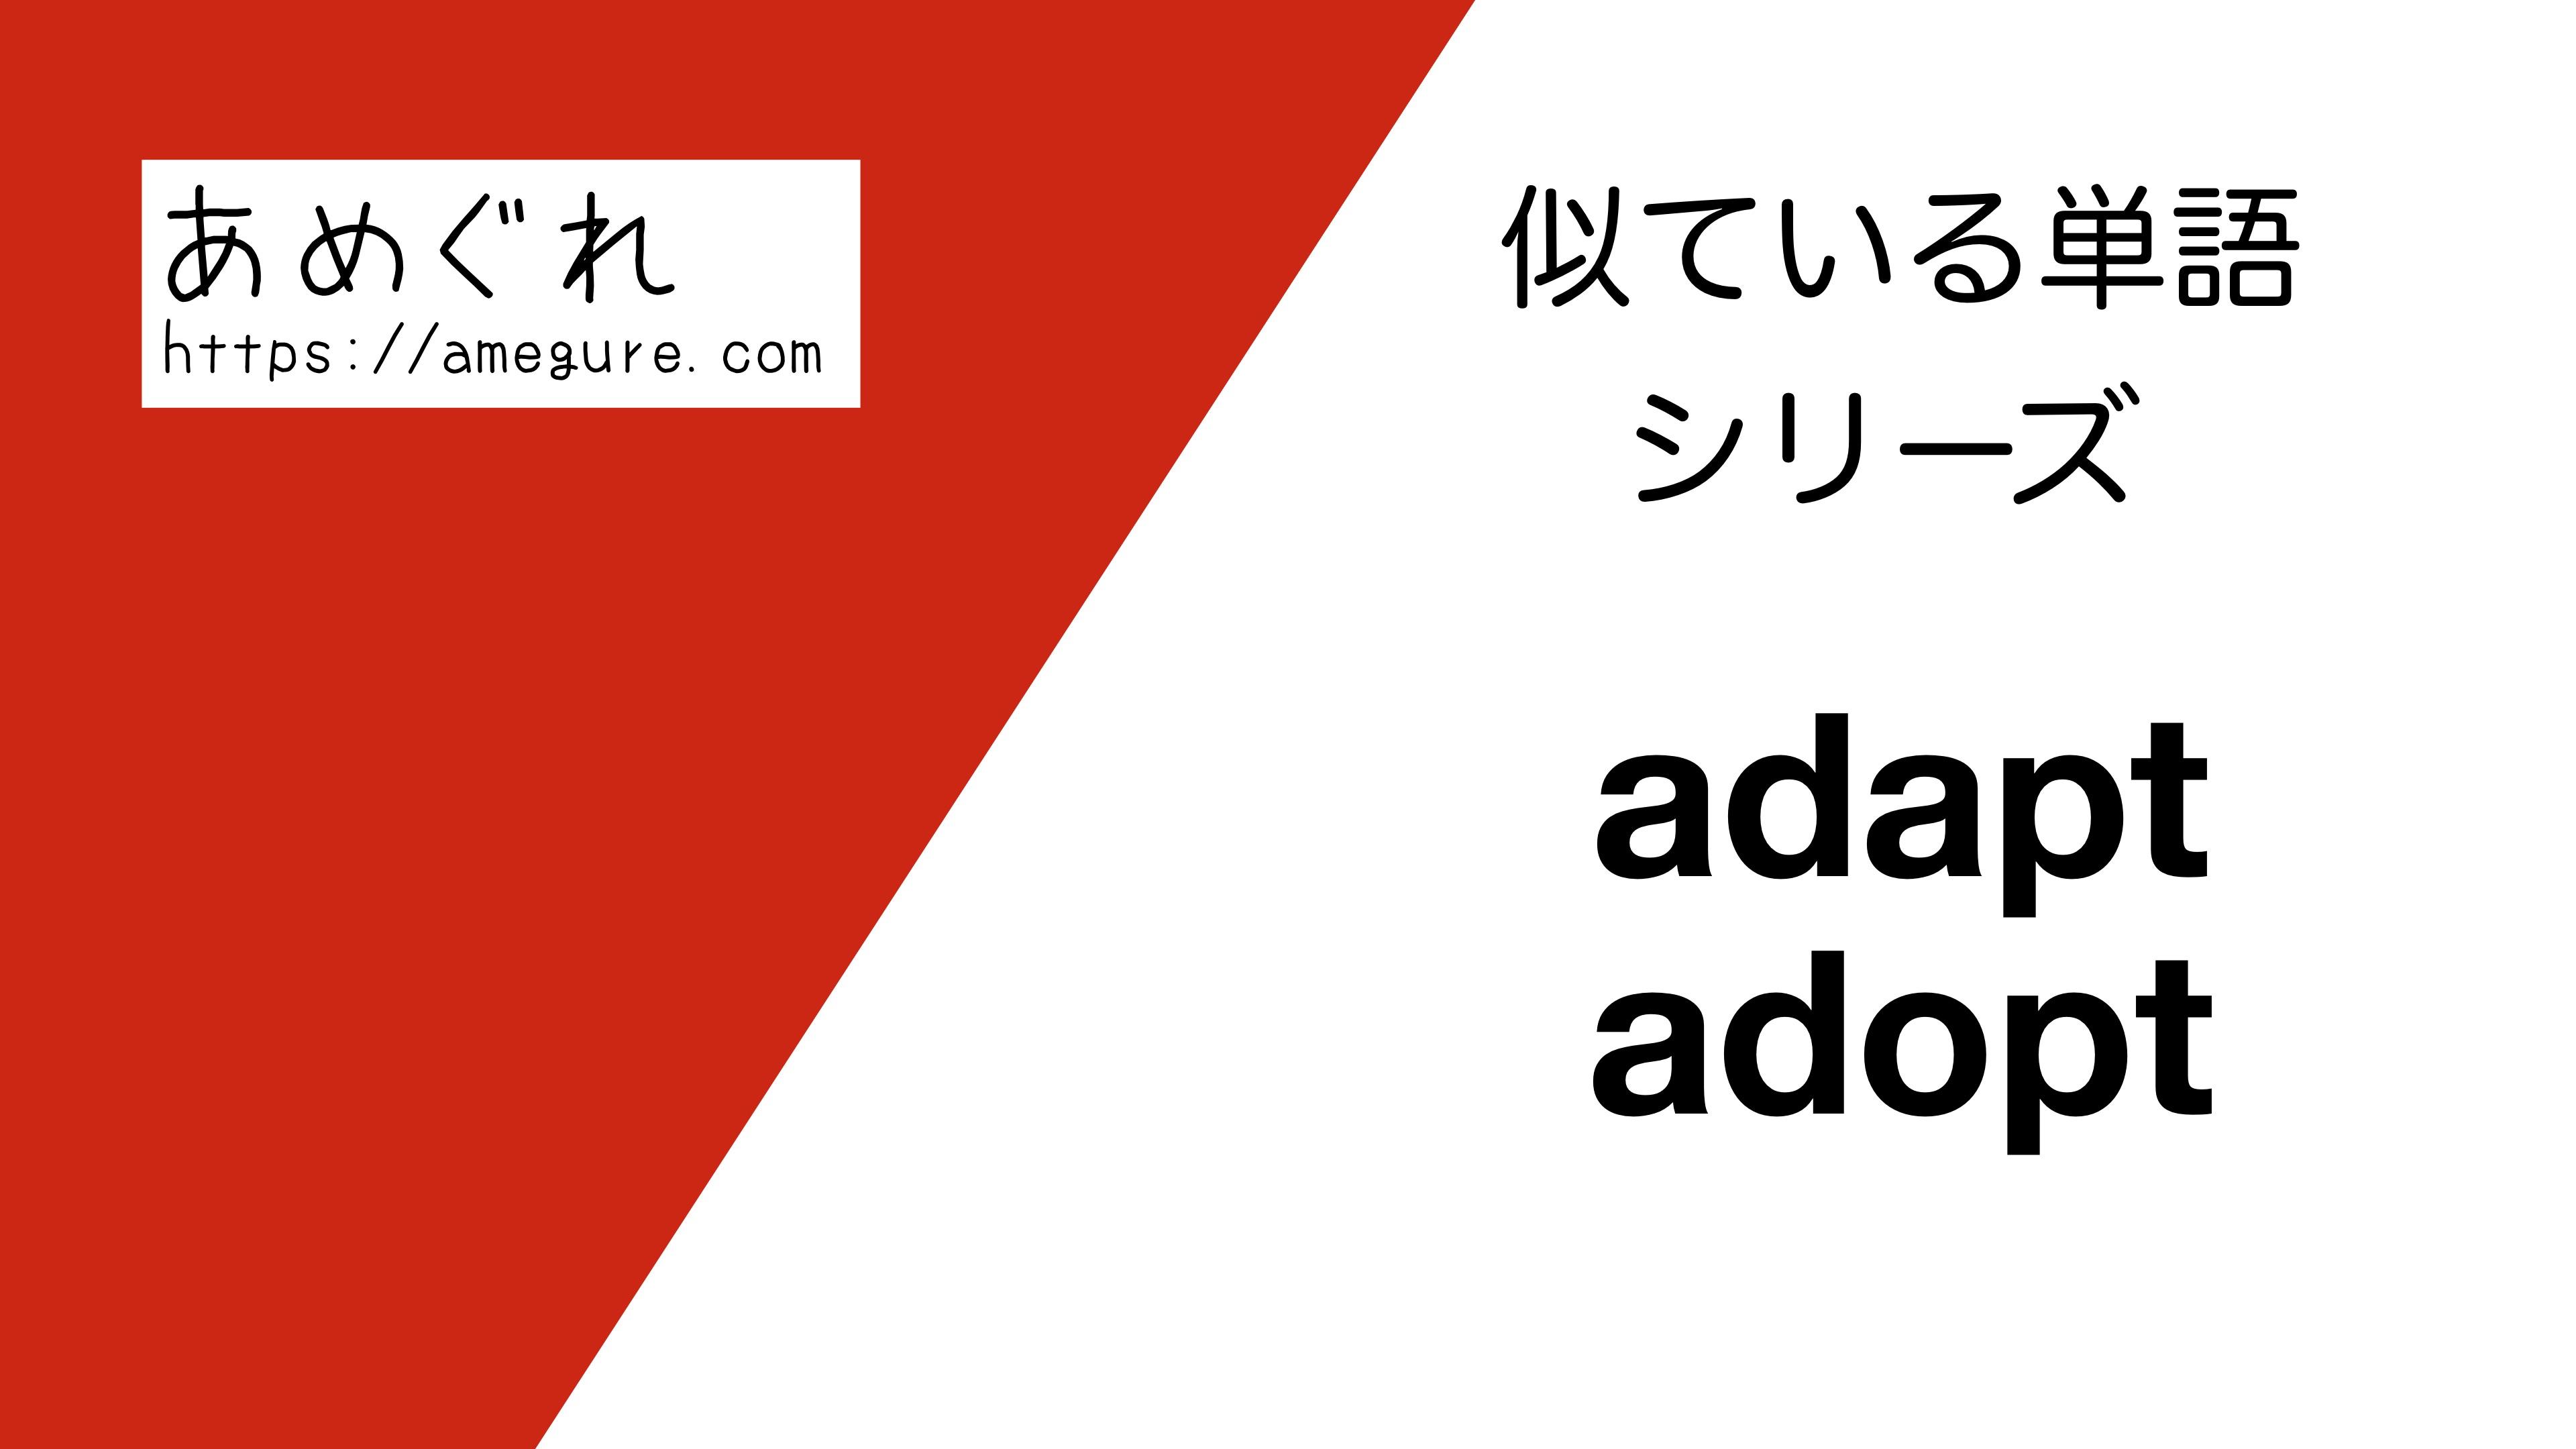 adapt-adopt違い